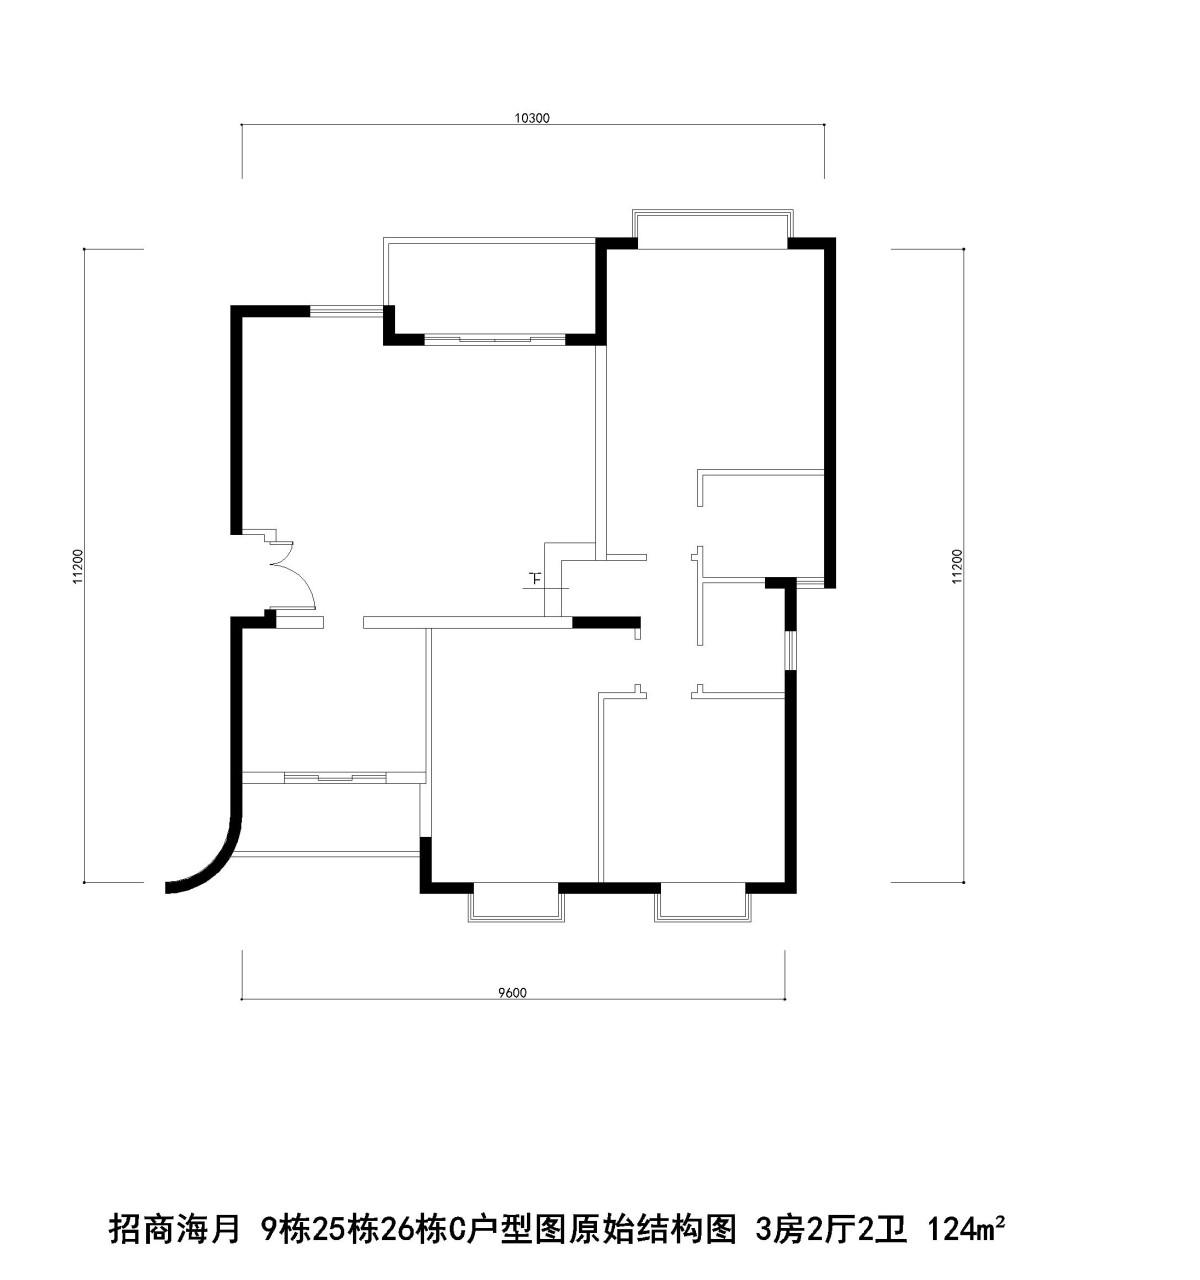 招商海月 9栋25栋26栋C户型图原始结构图 3房2厅2卫 124m²